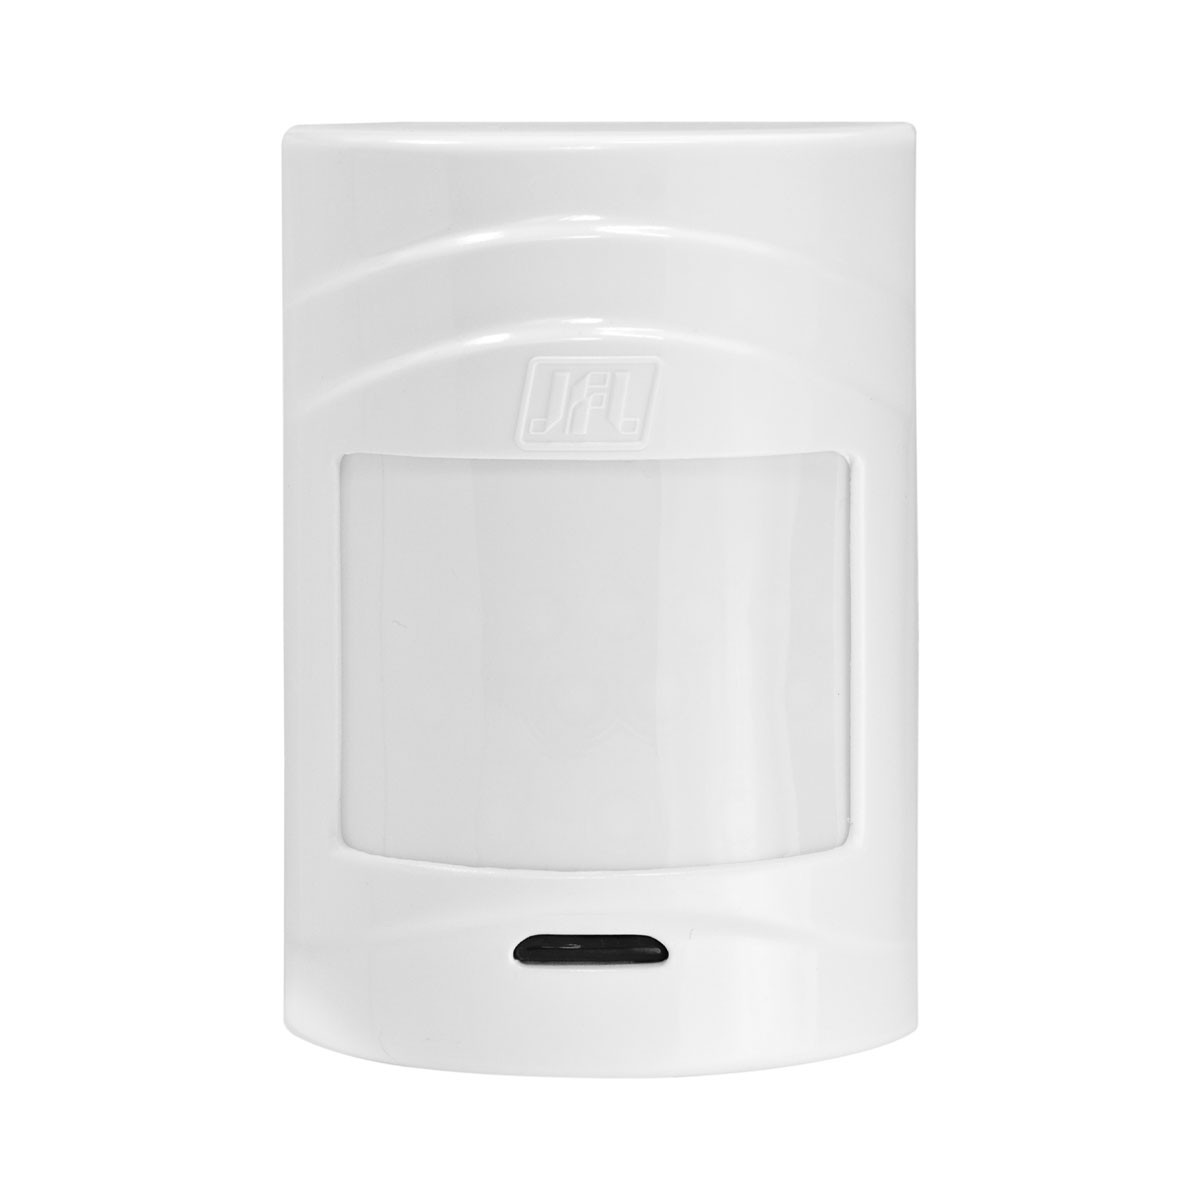 Kit Alarme Gsm Brisa Cell 804 Jfl Sensor Sem Fio IrPet 530 e Shc Fit